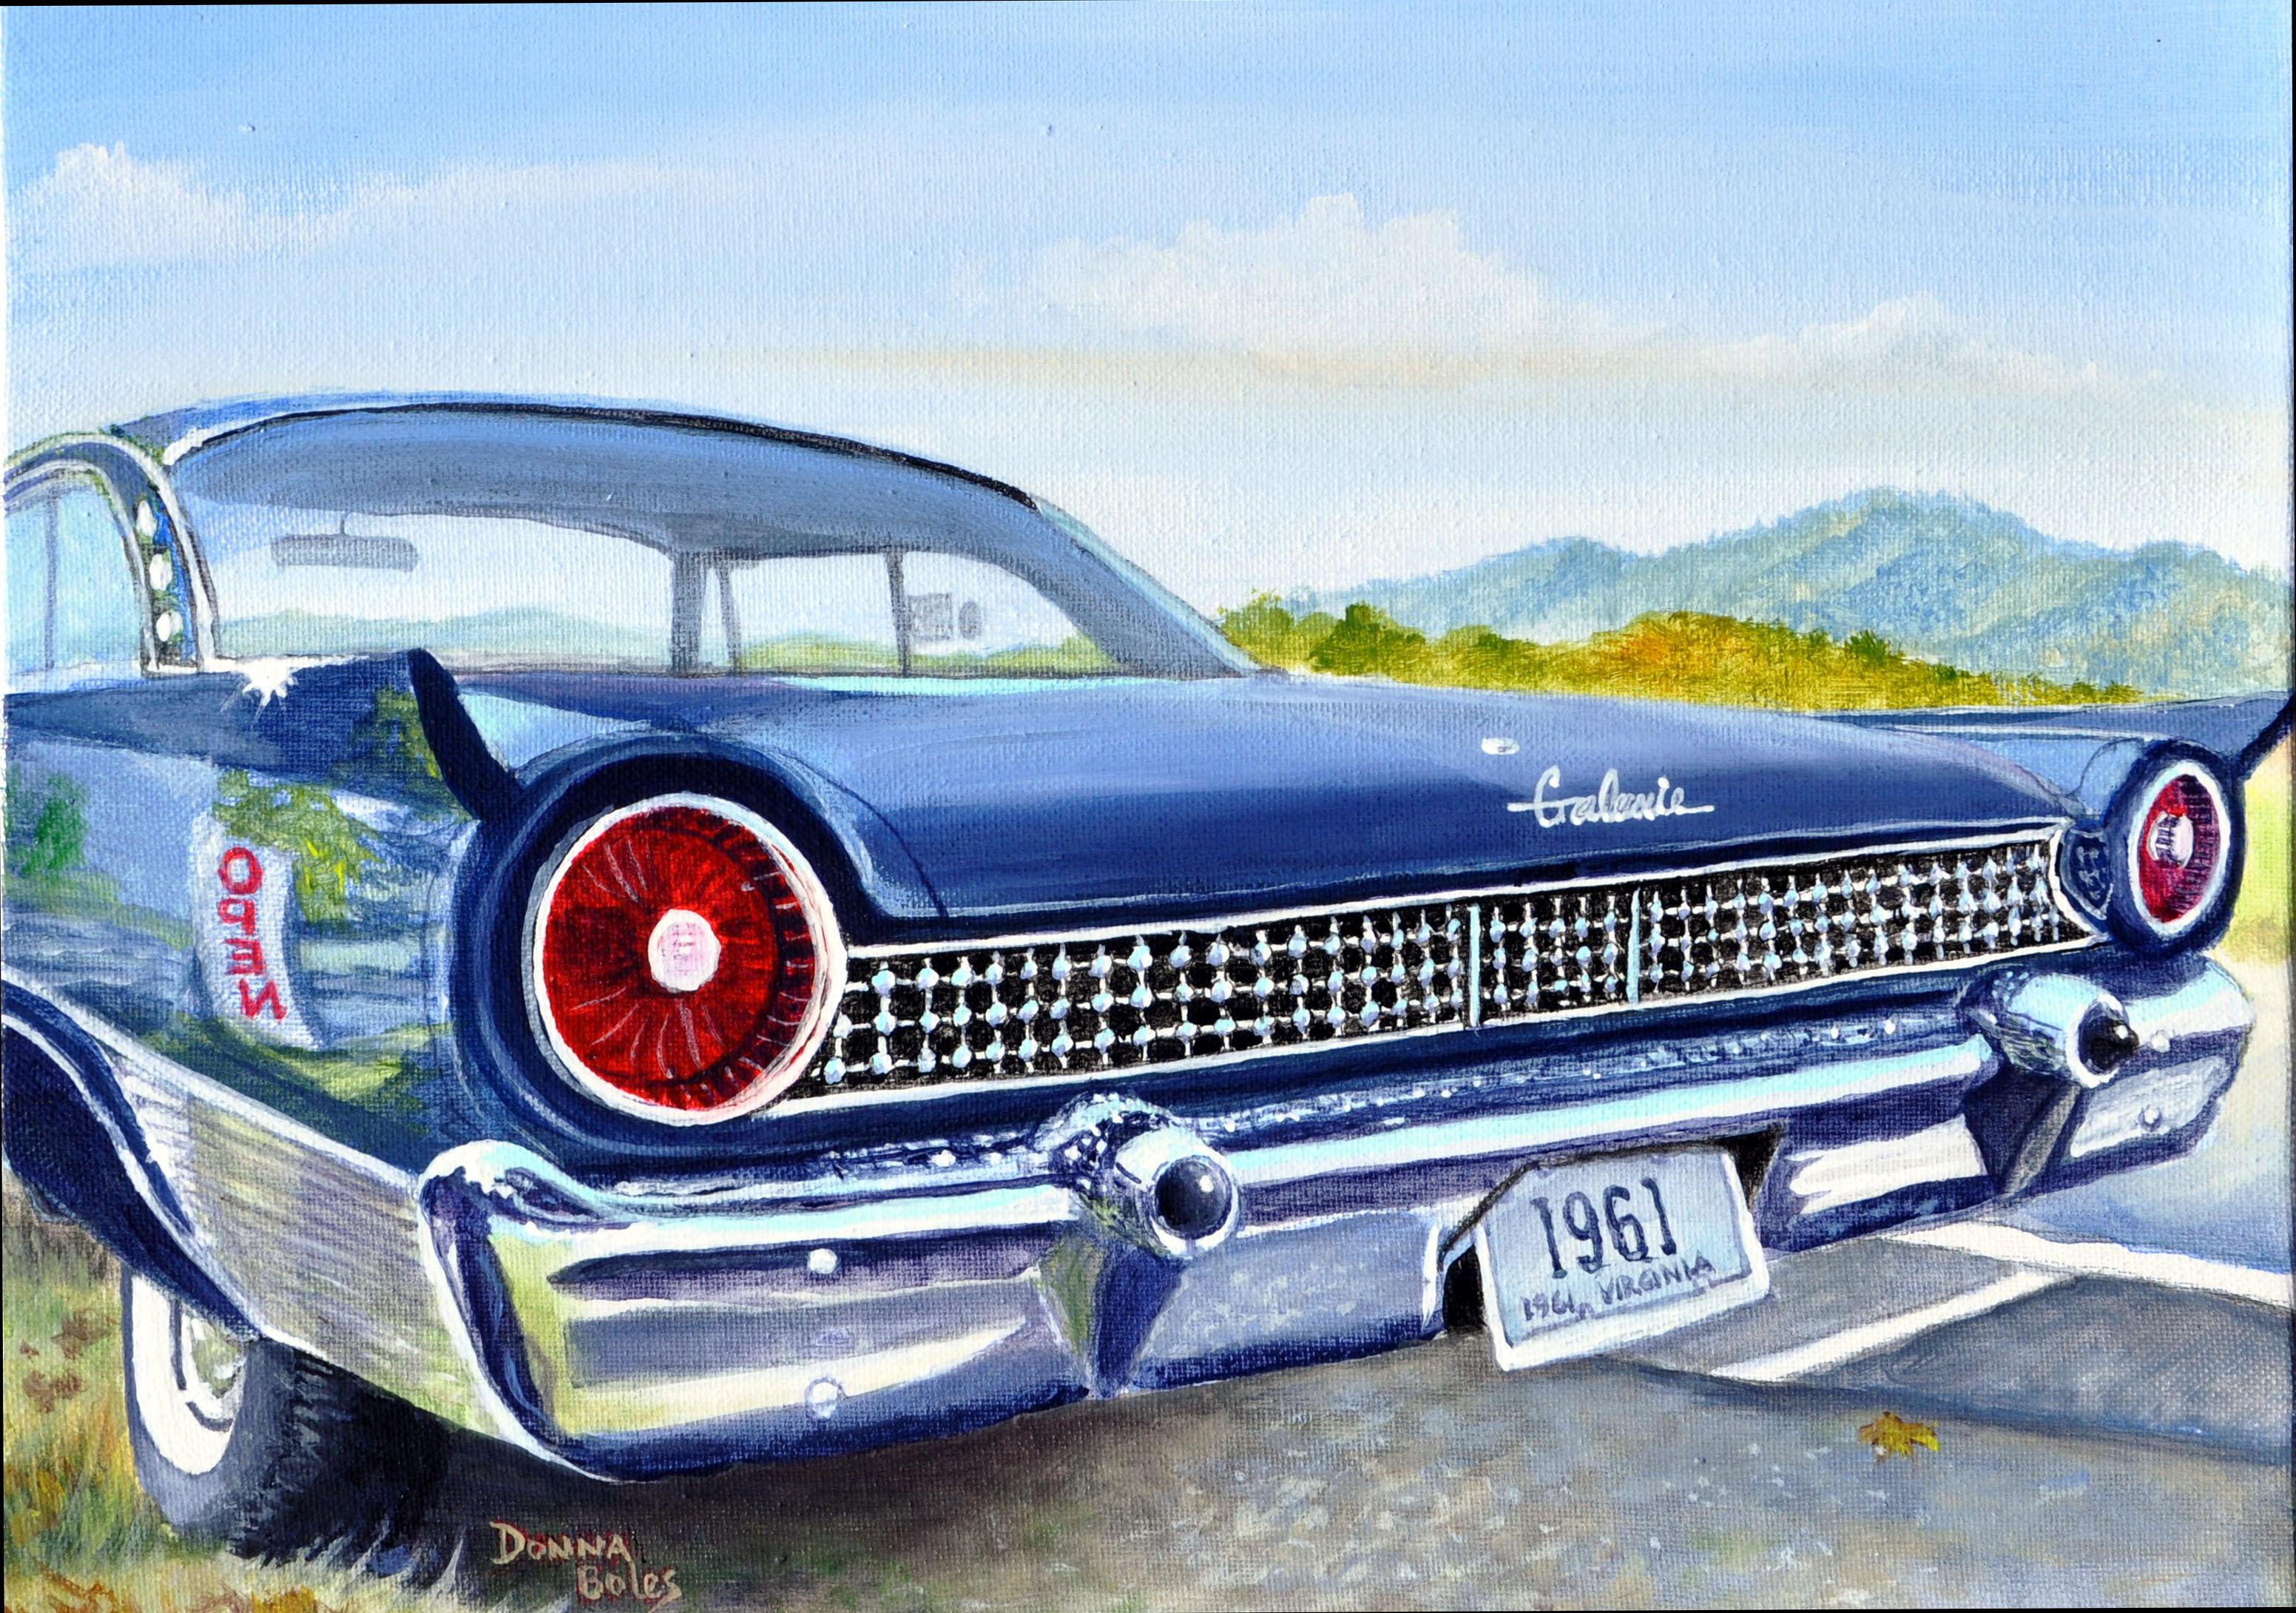 1961 Galaxie